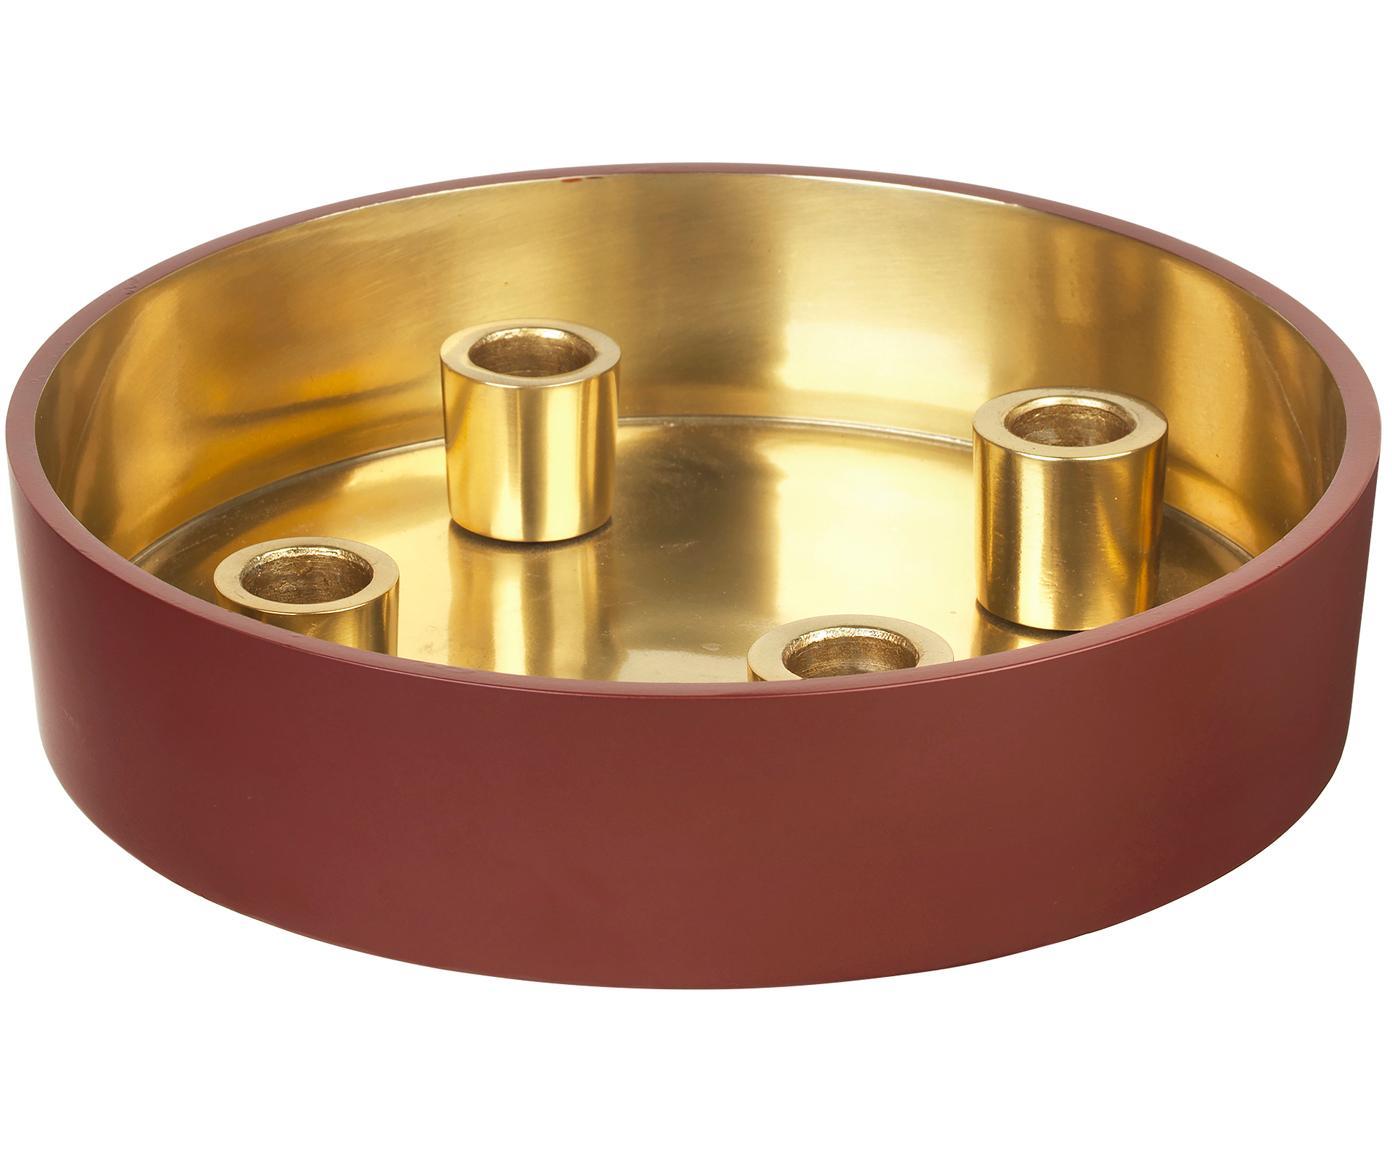 Kaarsenhouder Palma, Geëmailleerd aluminium, Buitenzijde: donker roestrood. Binnenzijde: goudkleurig, Ø 23 x H 6 cm